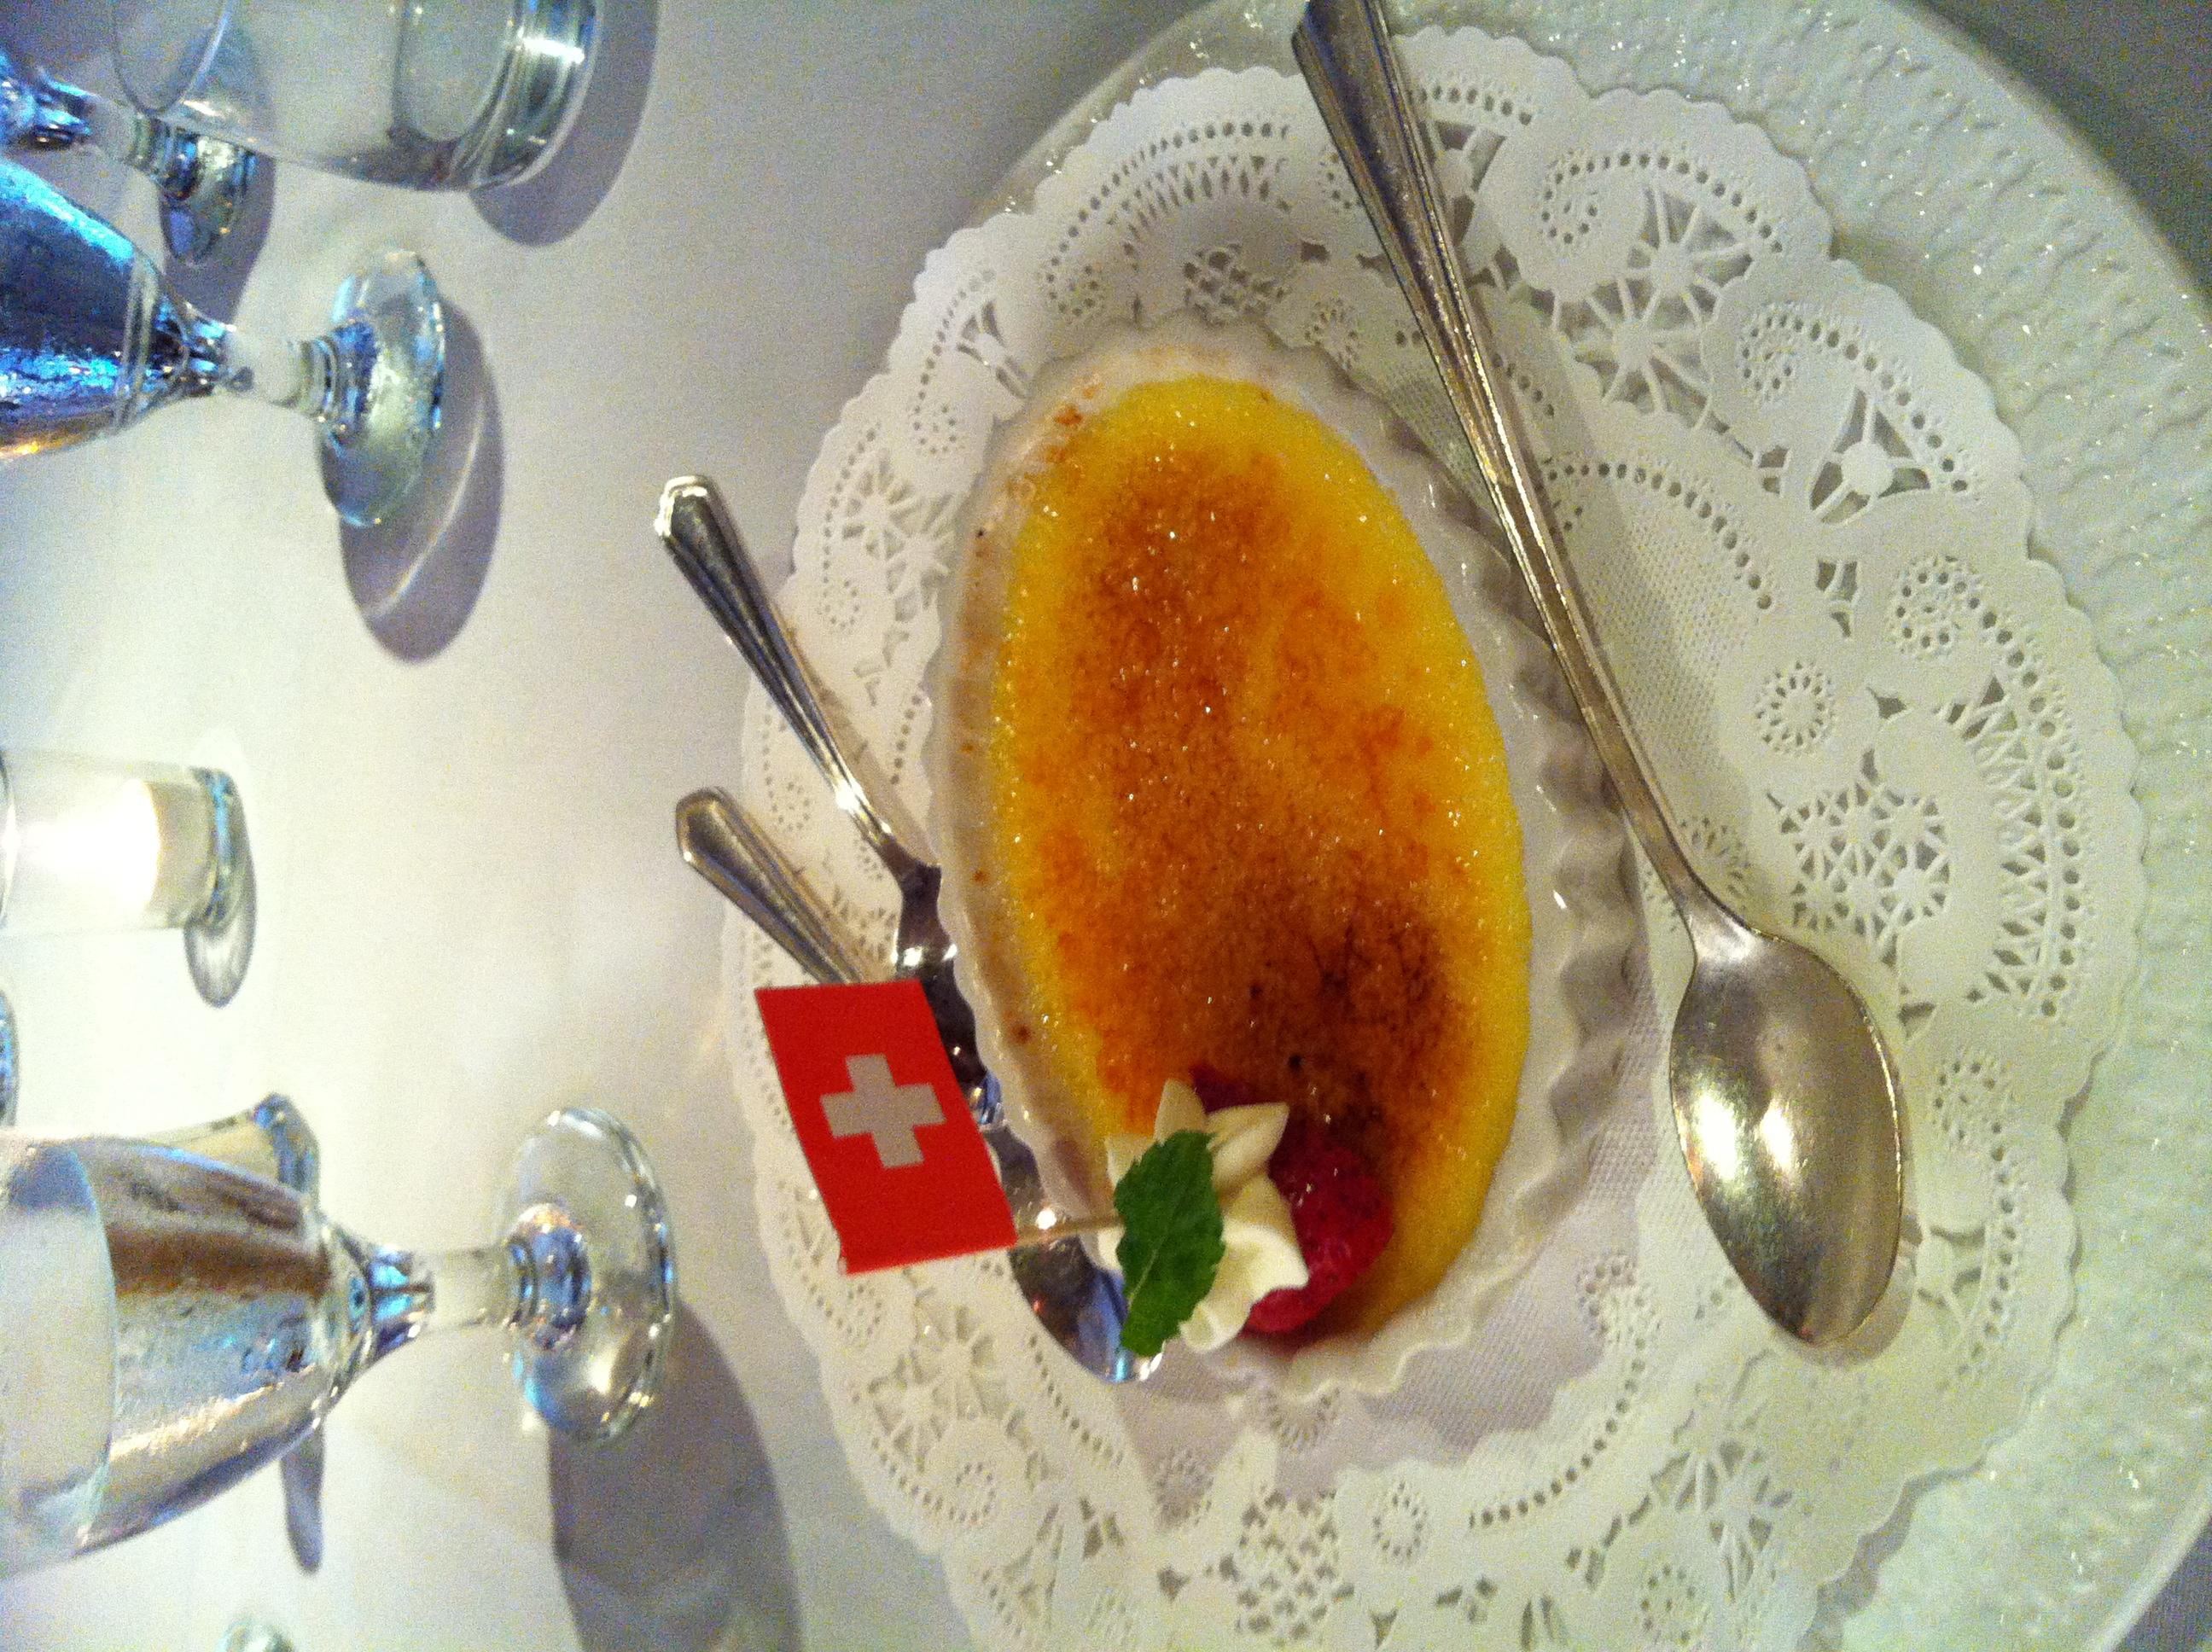 Swiss Hutte Inn & Restaurant, Hillsdale NY